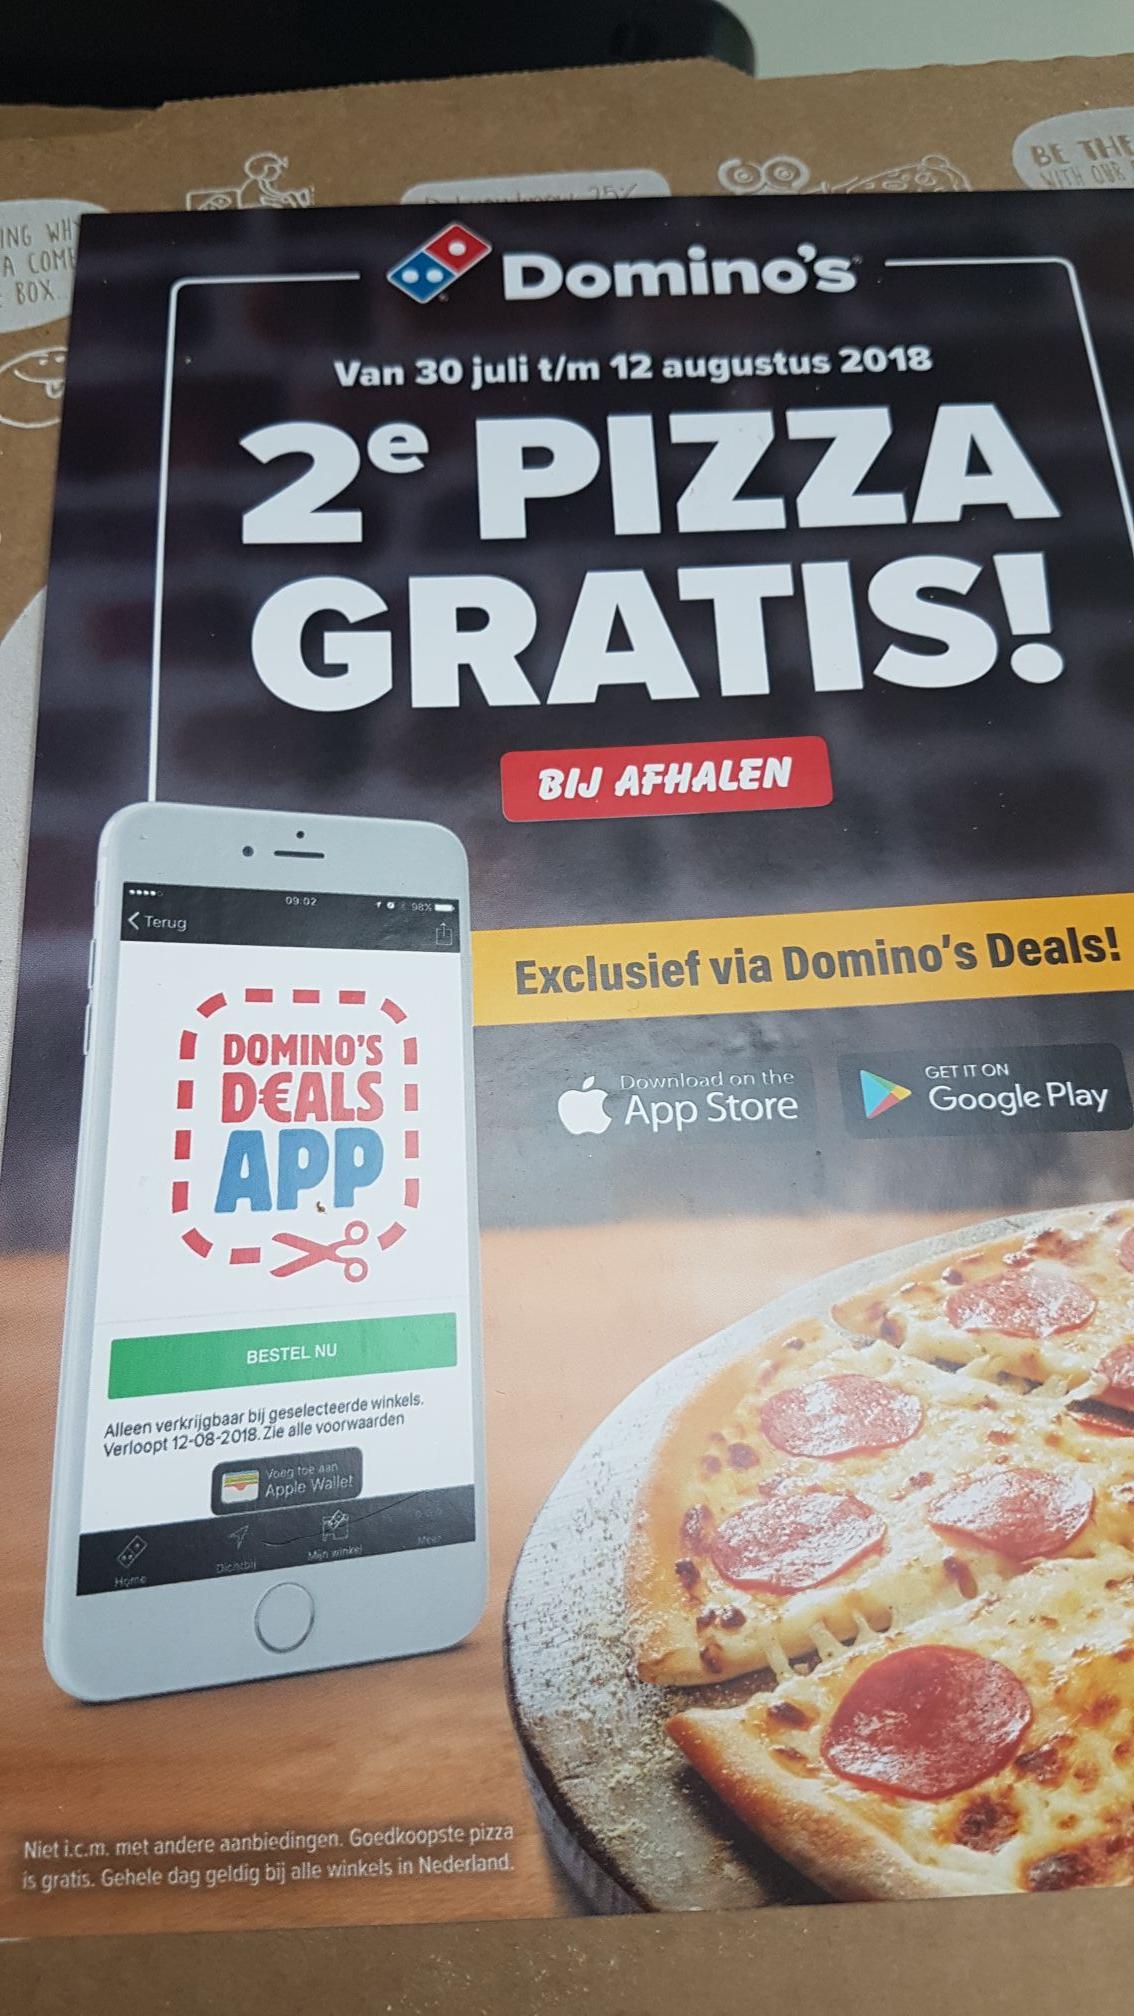 Domino's 2e pizza gratis bij afhalen van 30 juli t/m 12 augustus. Via de app Domino's Deals of gebruik Quincy's code uit de comments. Geldig in heel Nederland